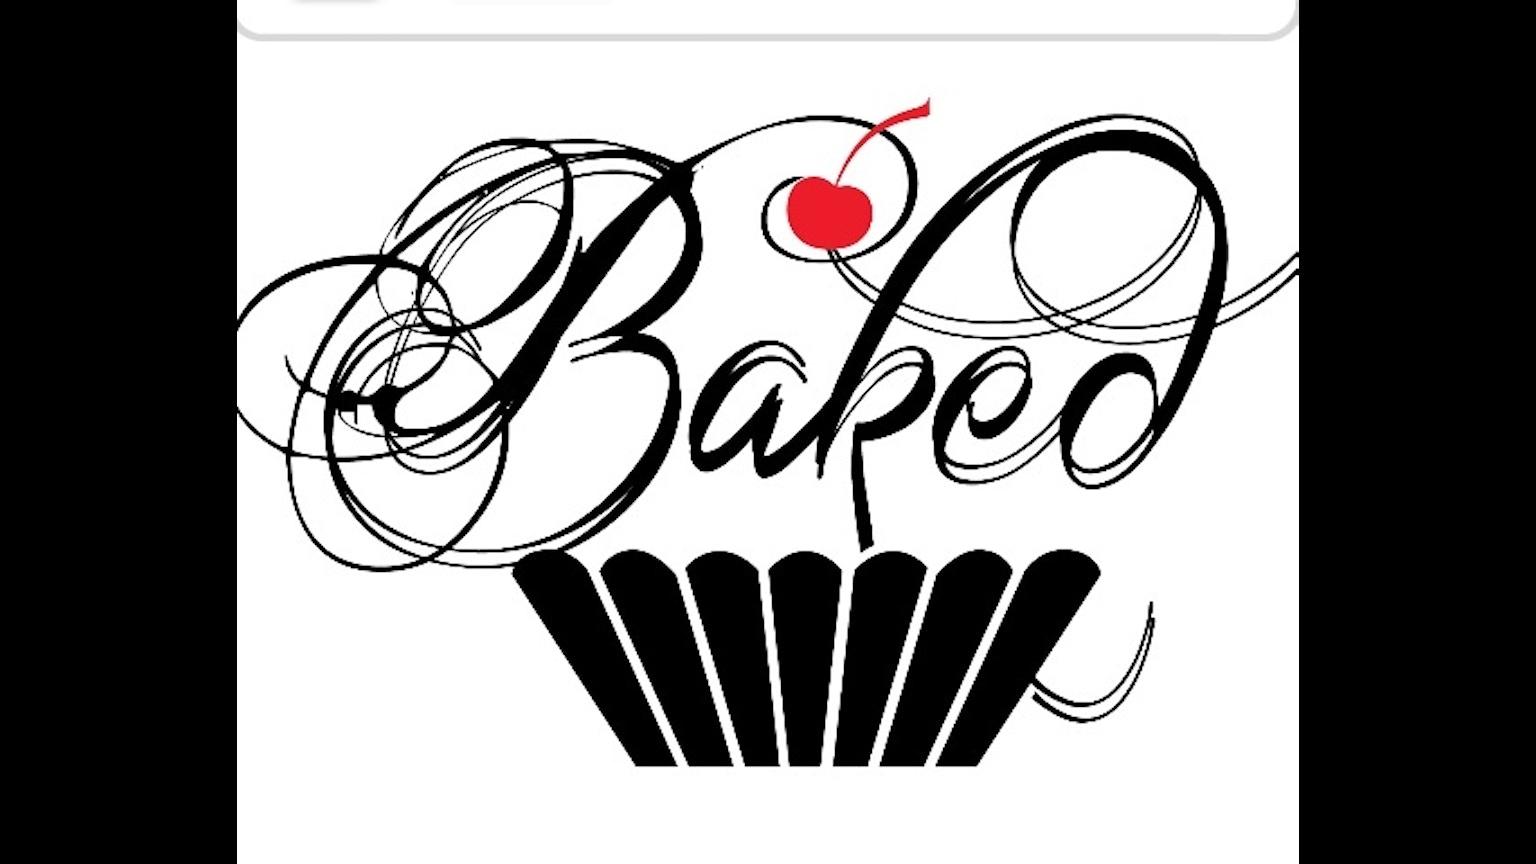 Relax it 39 s just cake by baked kickstarter for Cake craft beavercreek ohio